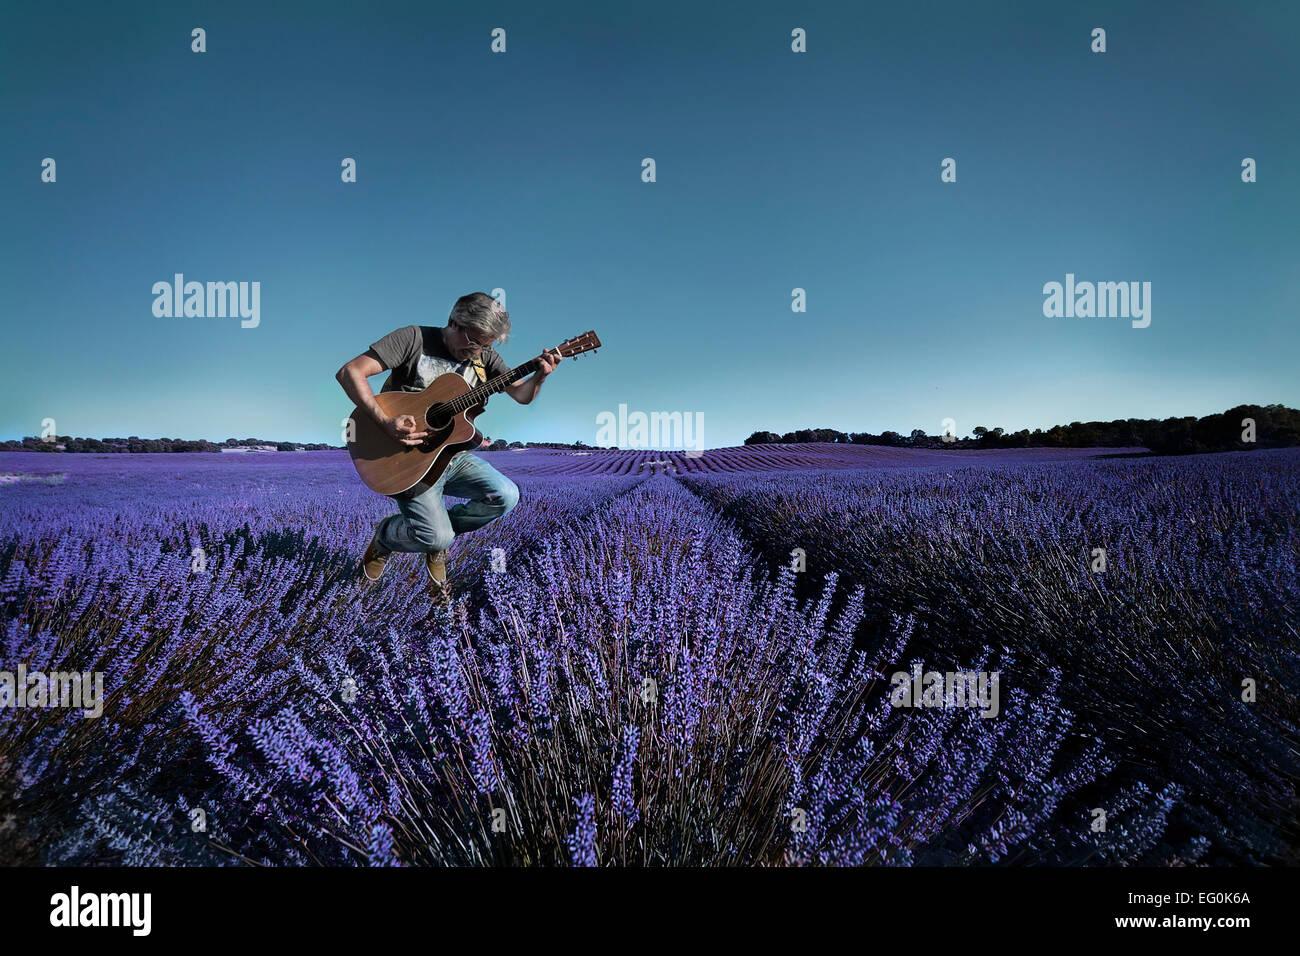 Uomo a suonare la chitarra nel campo di lavanda Immagini Stock